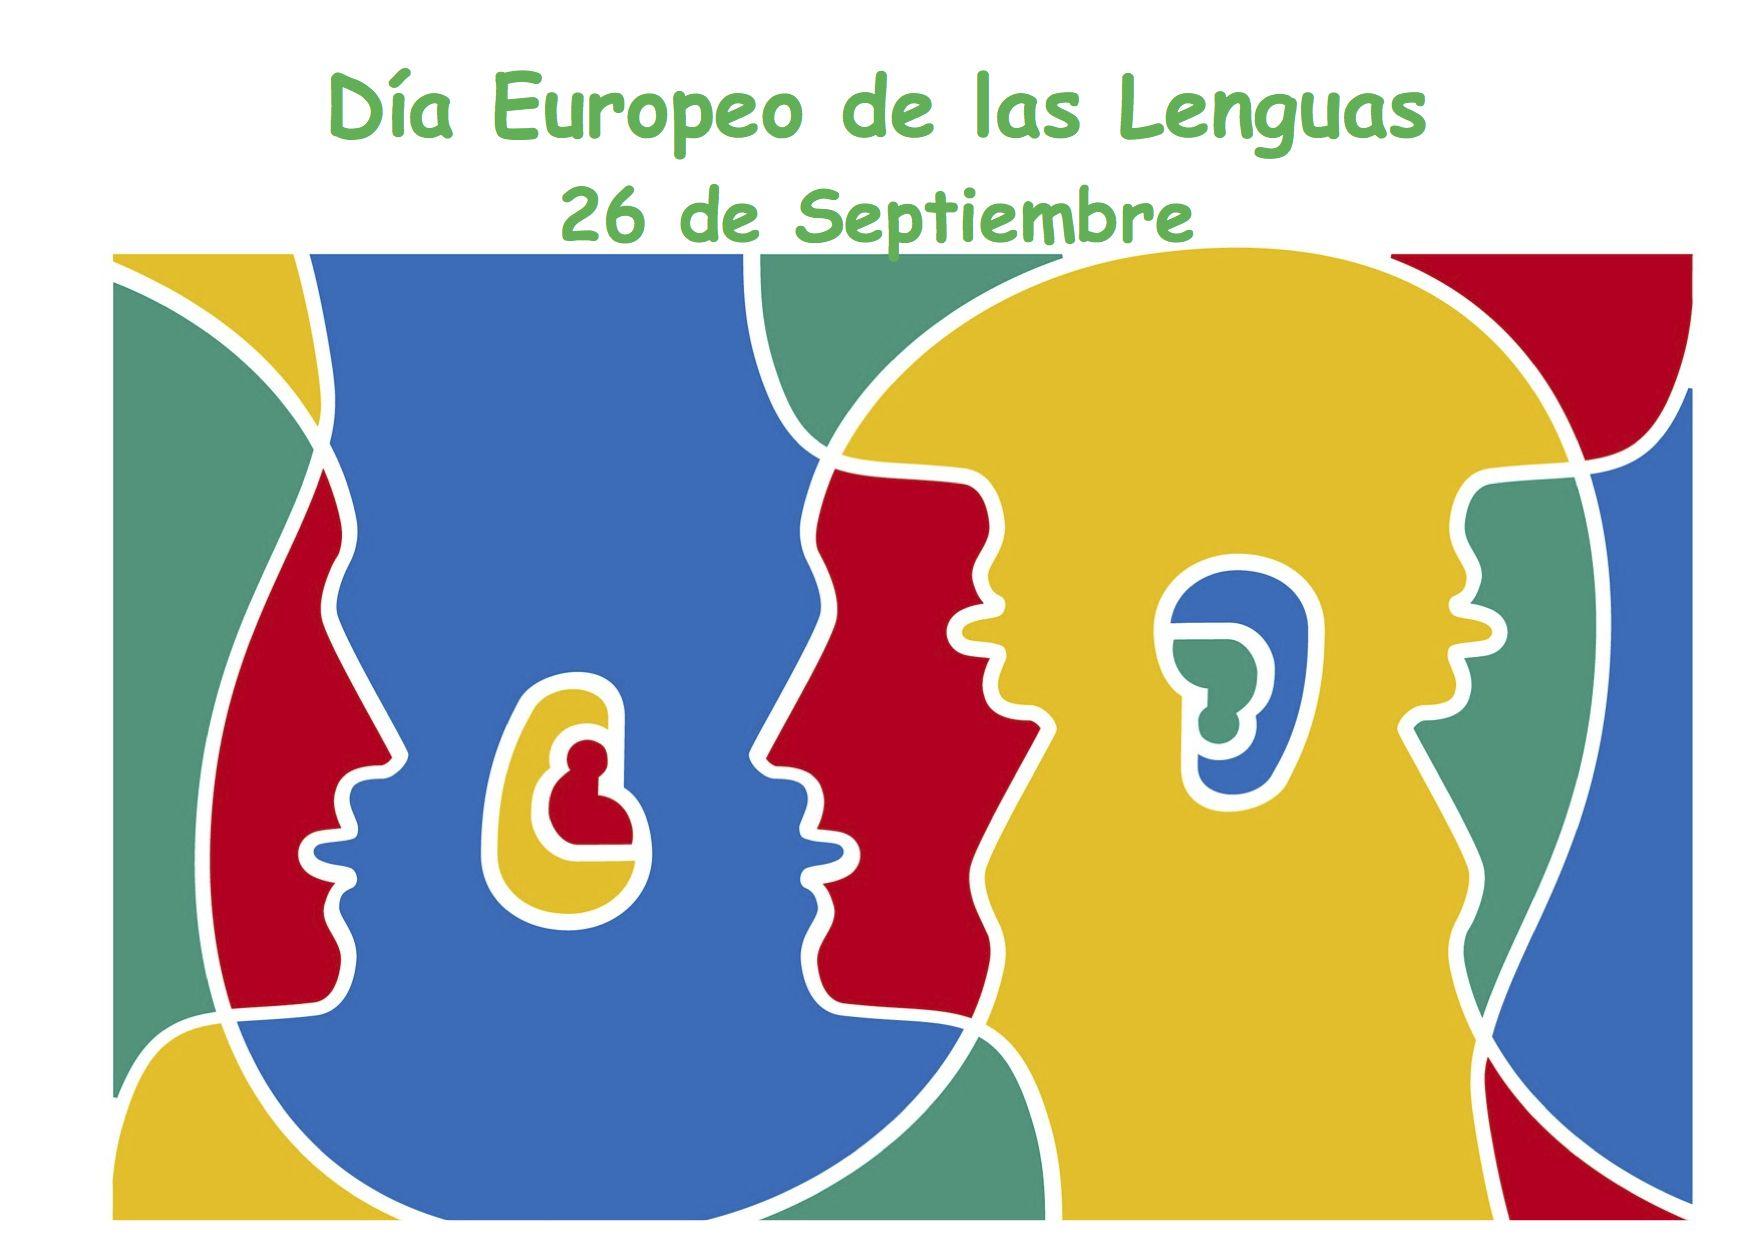 Foto de Día Europeo de las Lenguas